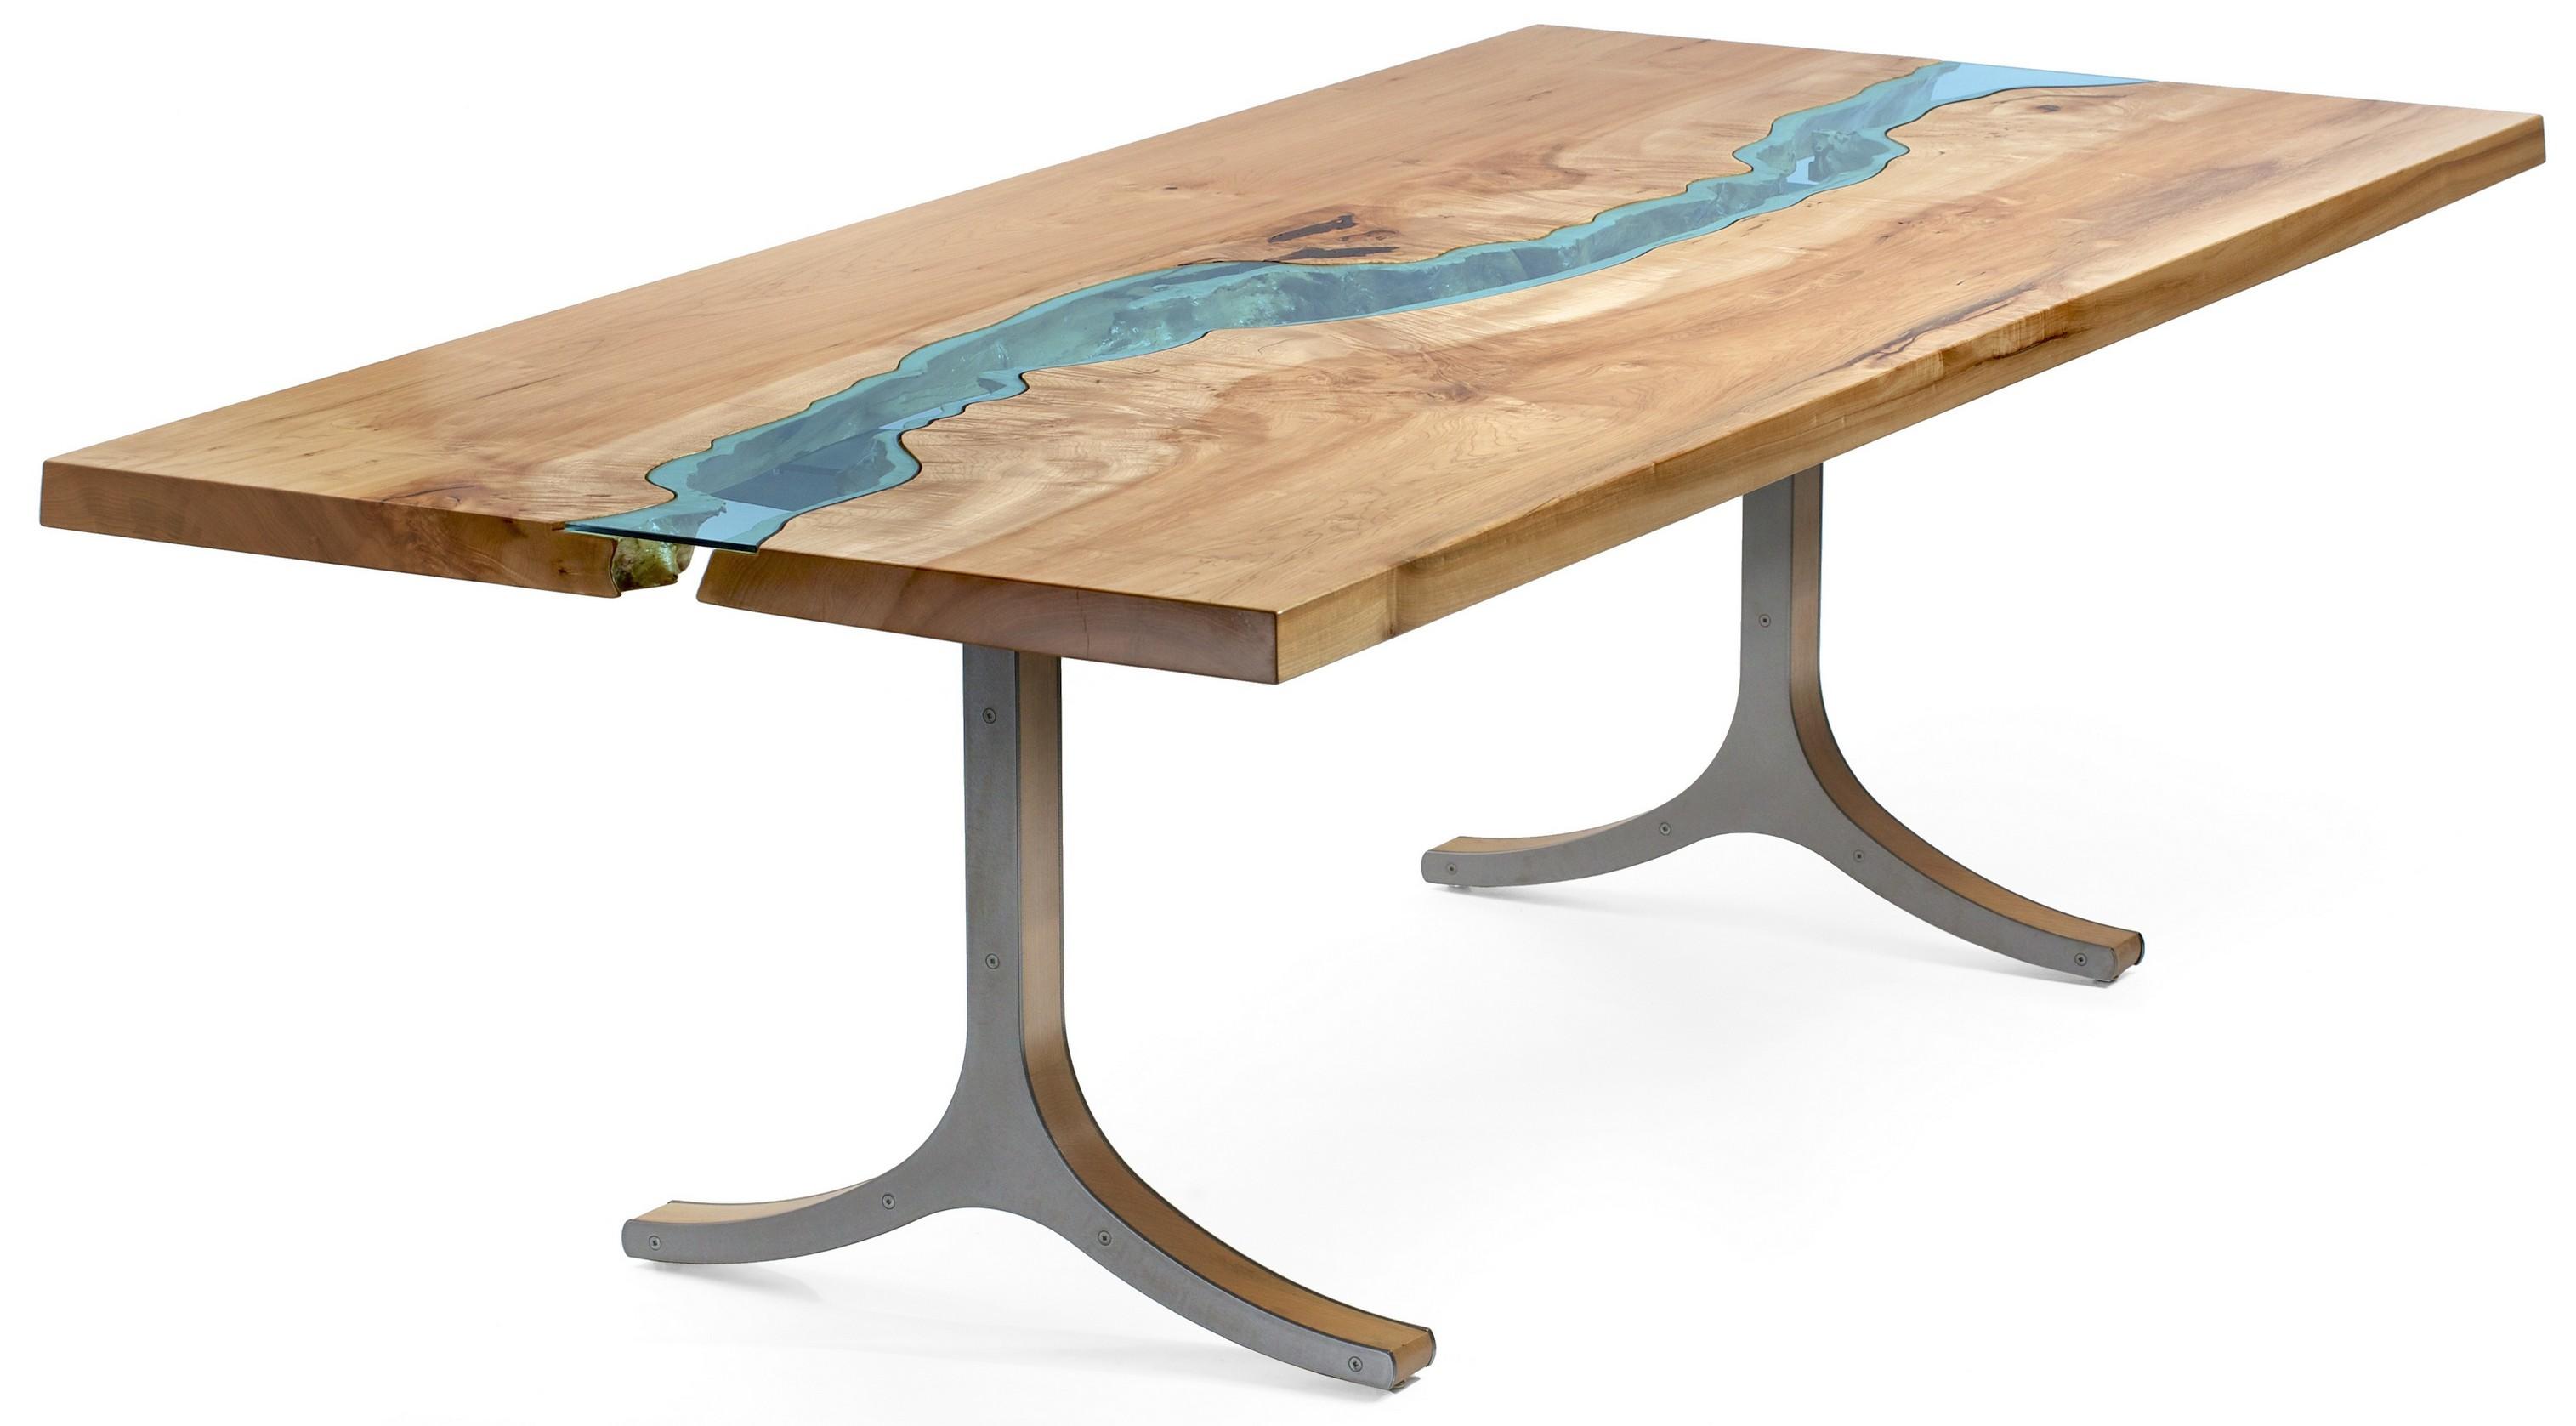 Table bois verre riviere 01 la boite verte - Place du verre a eau sur une table ...